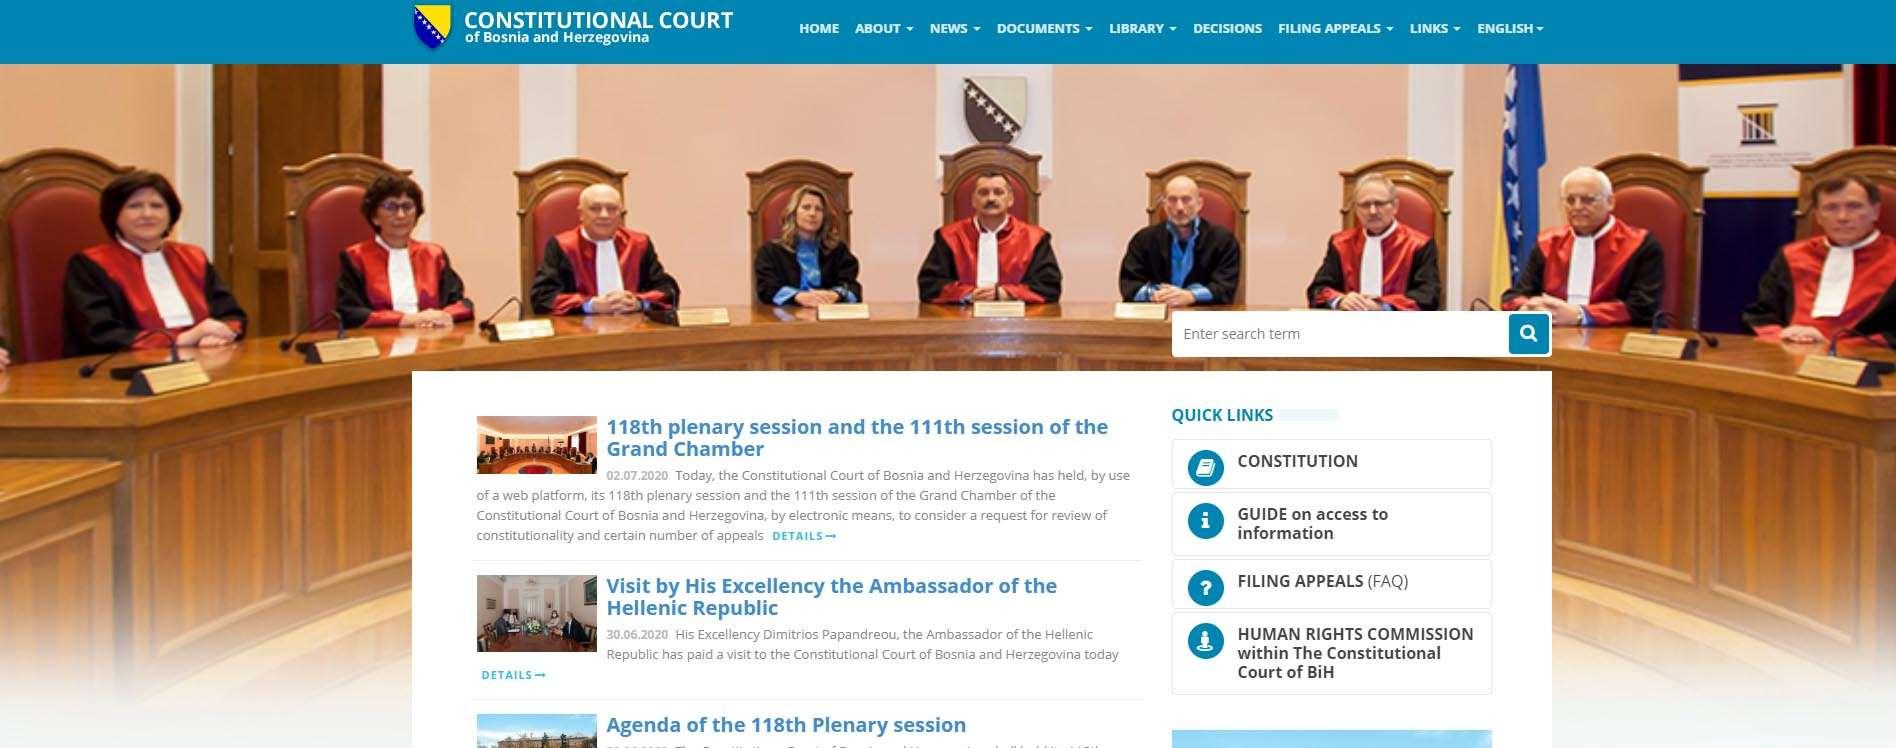 Constitutional Court of BiH